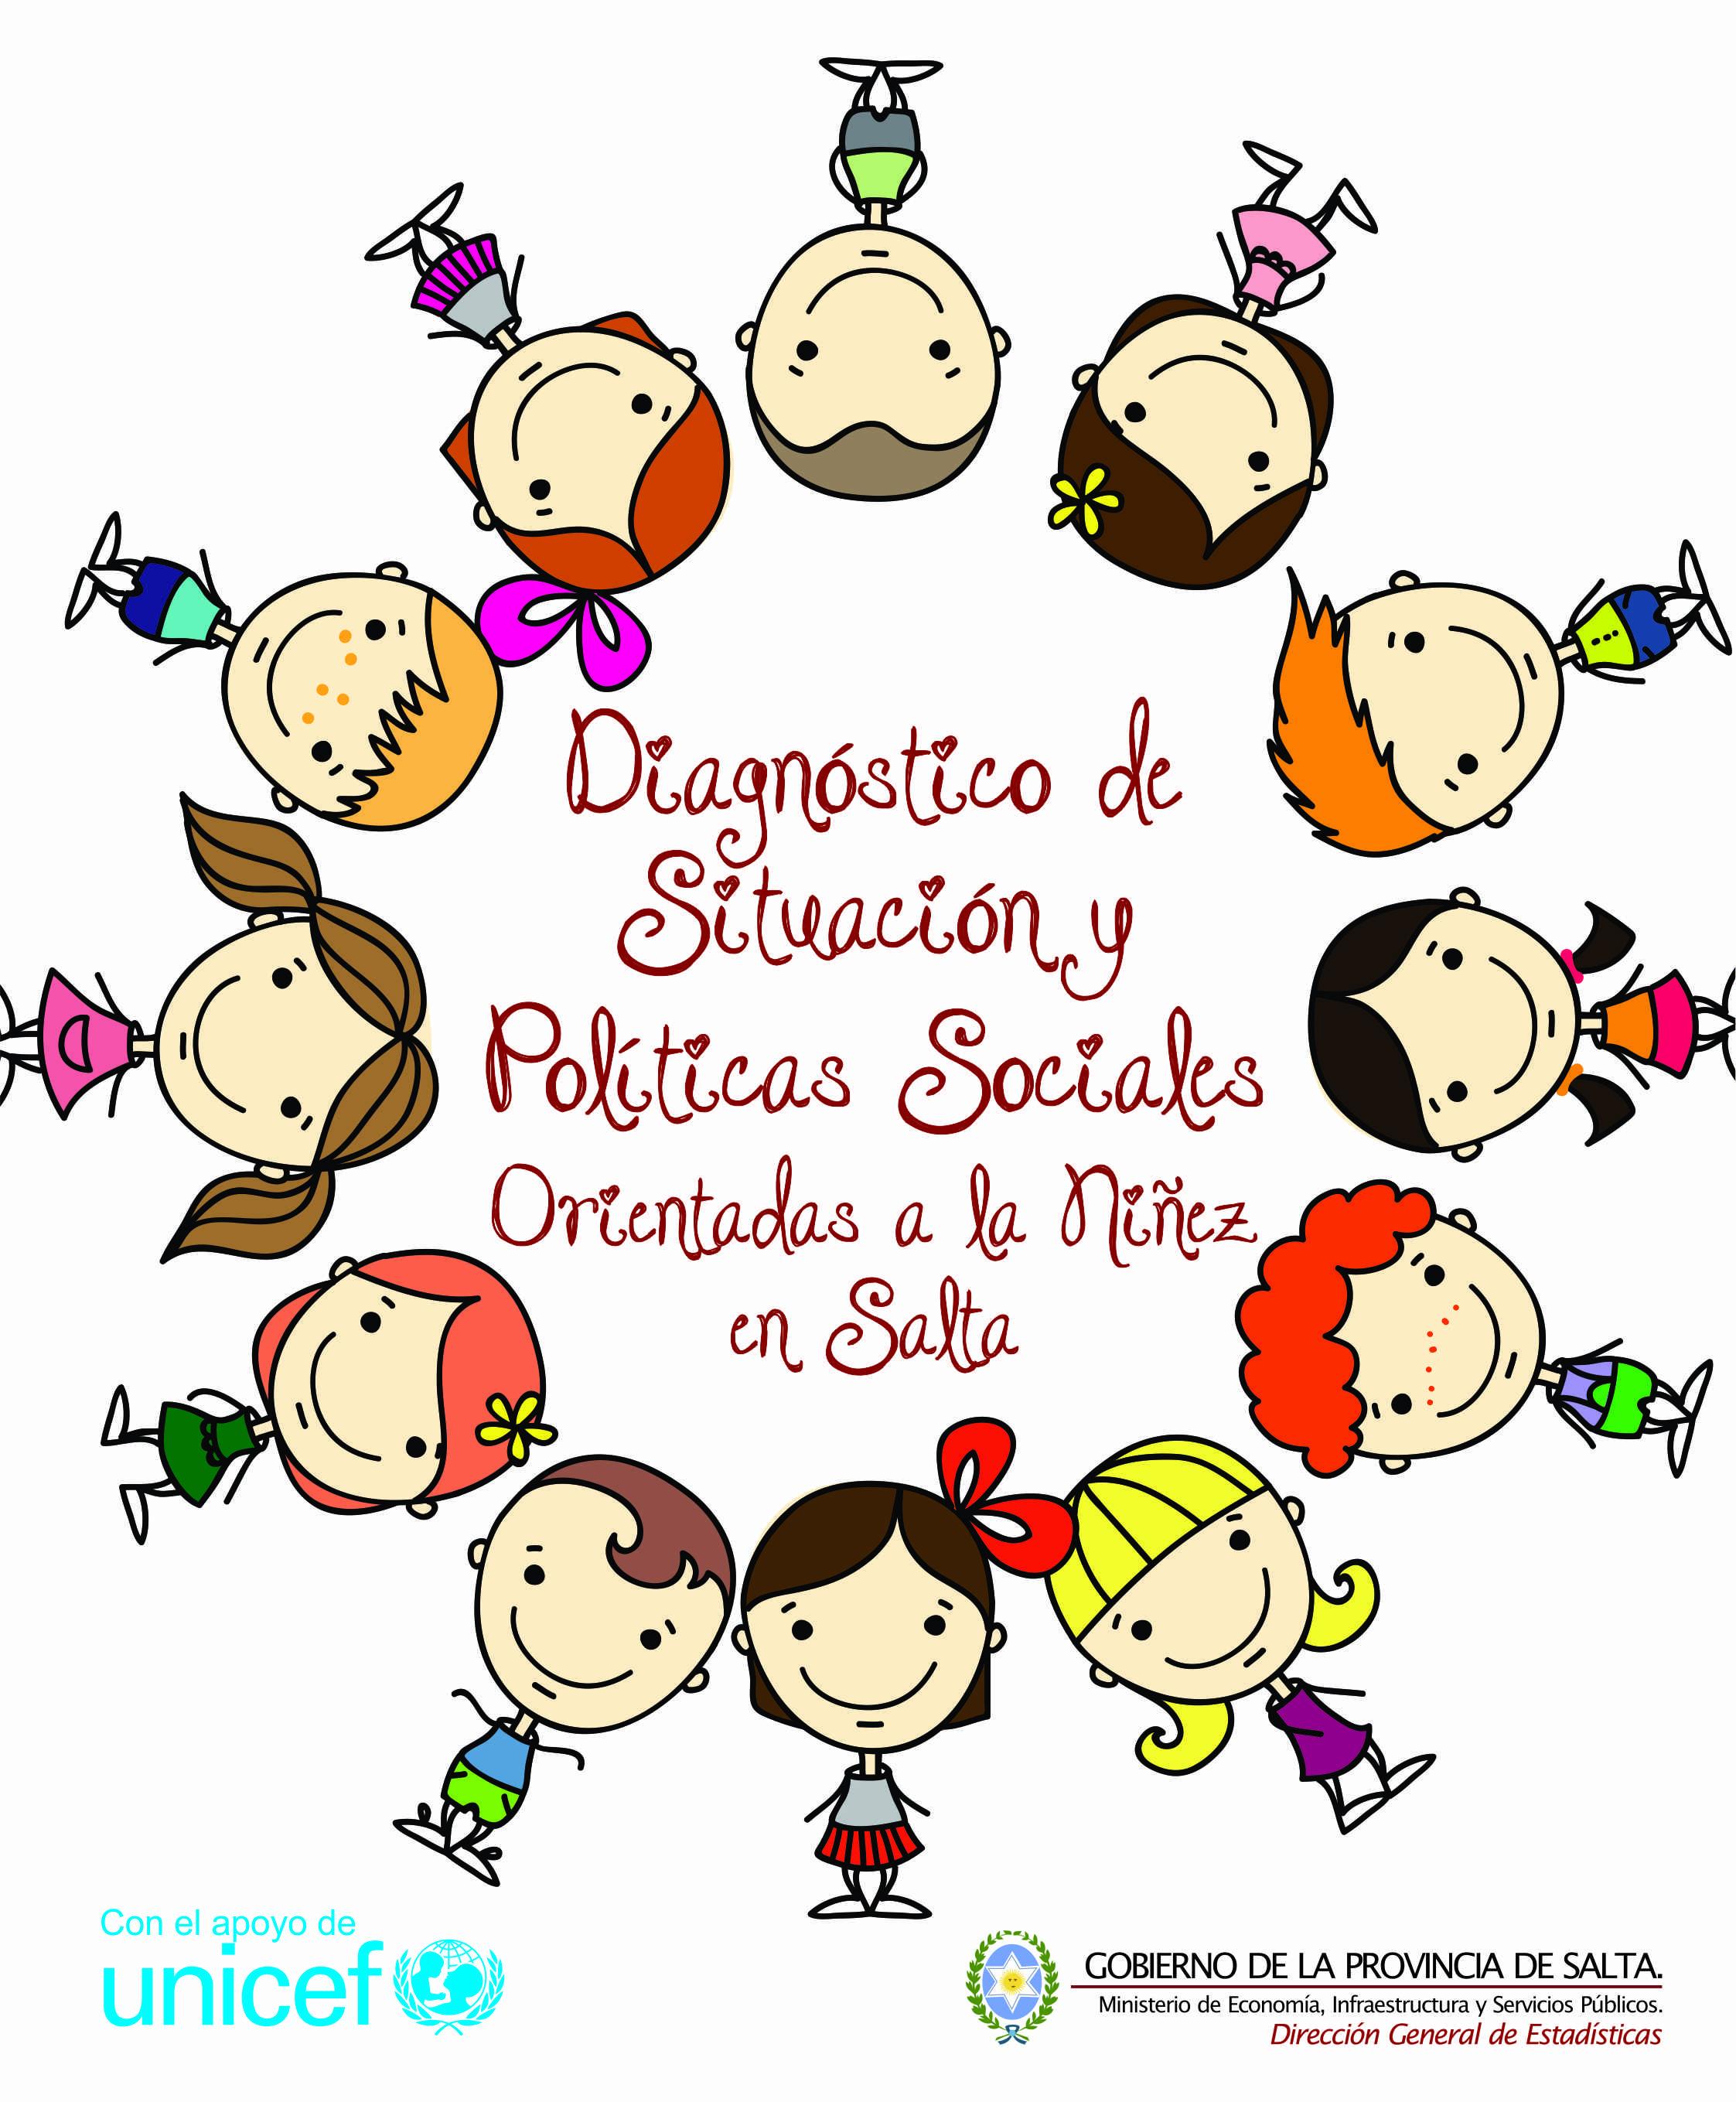 Diagnóstico de Situación y Políticas Sociales Orientadas a la Niñez en Salta